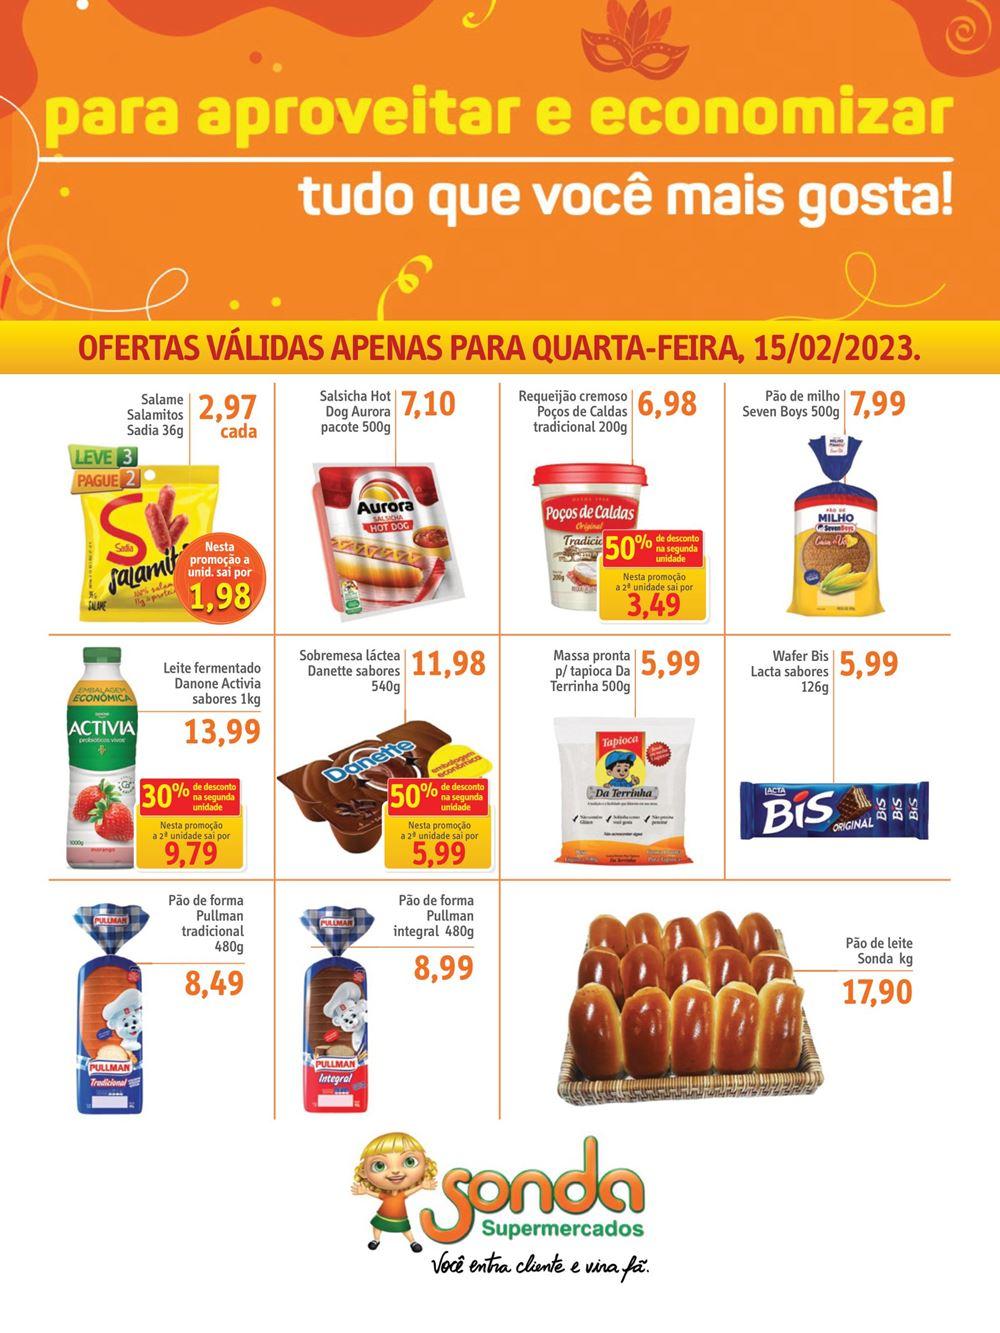 sonda-ofertas-descontos-hoje2-24 São Paulo